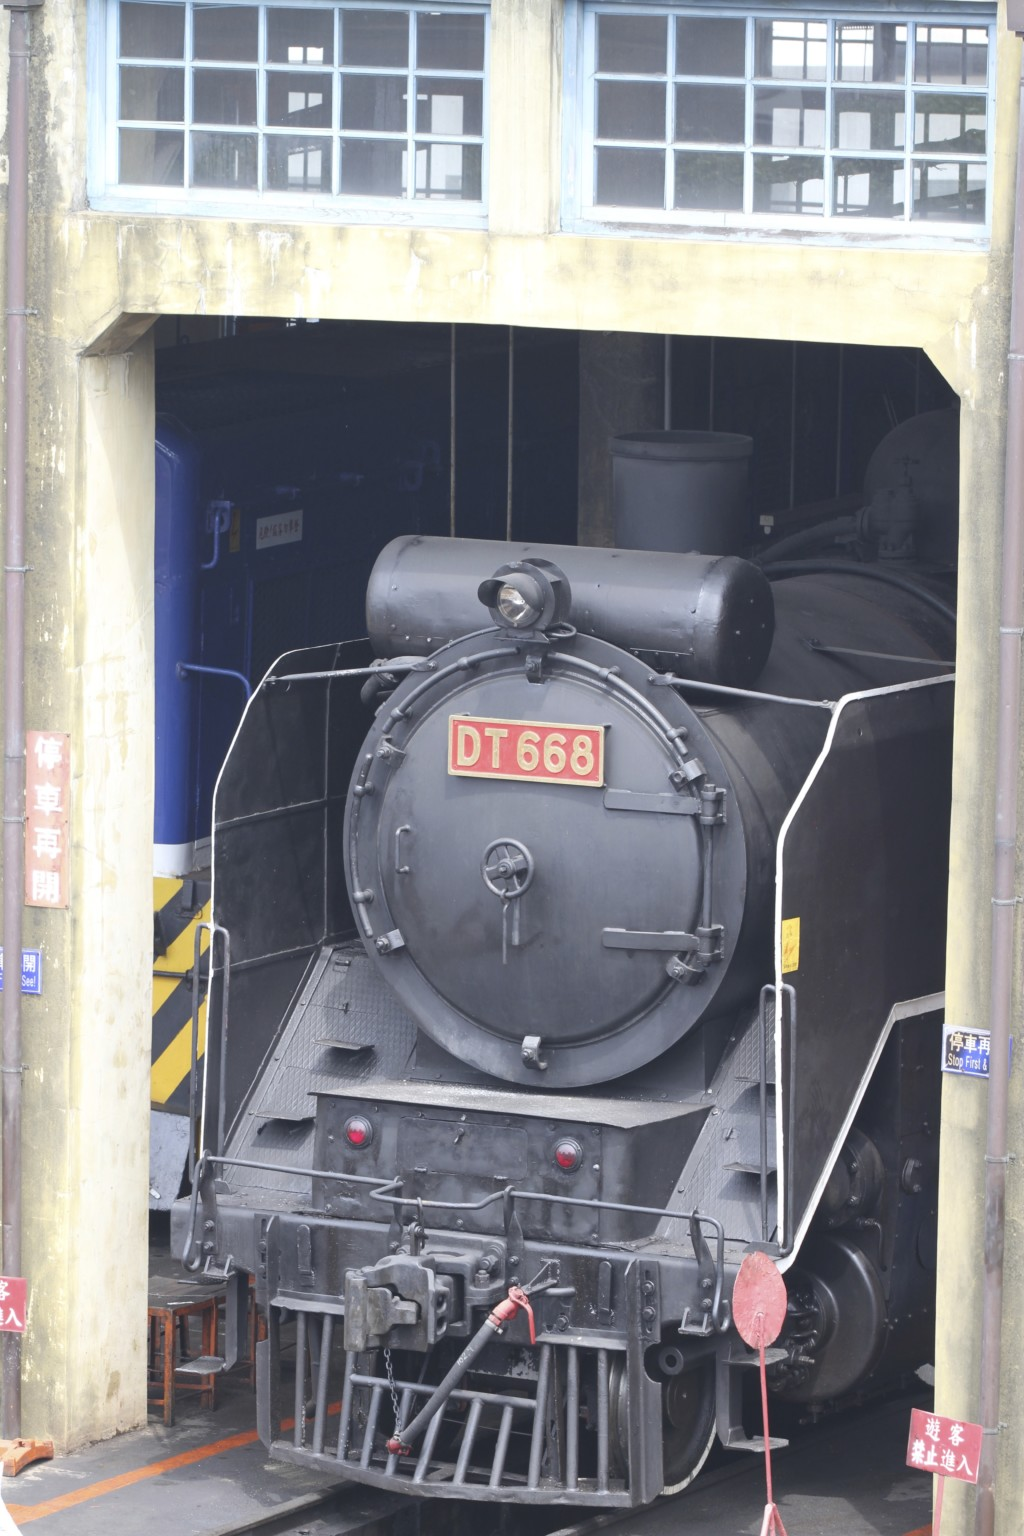 蒸気機関車(DT668)